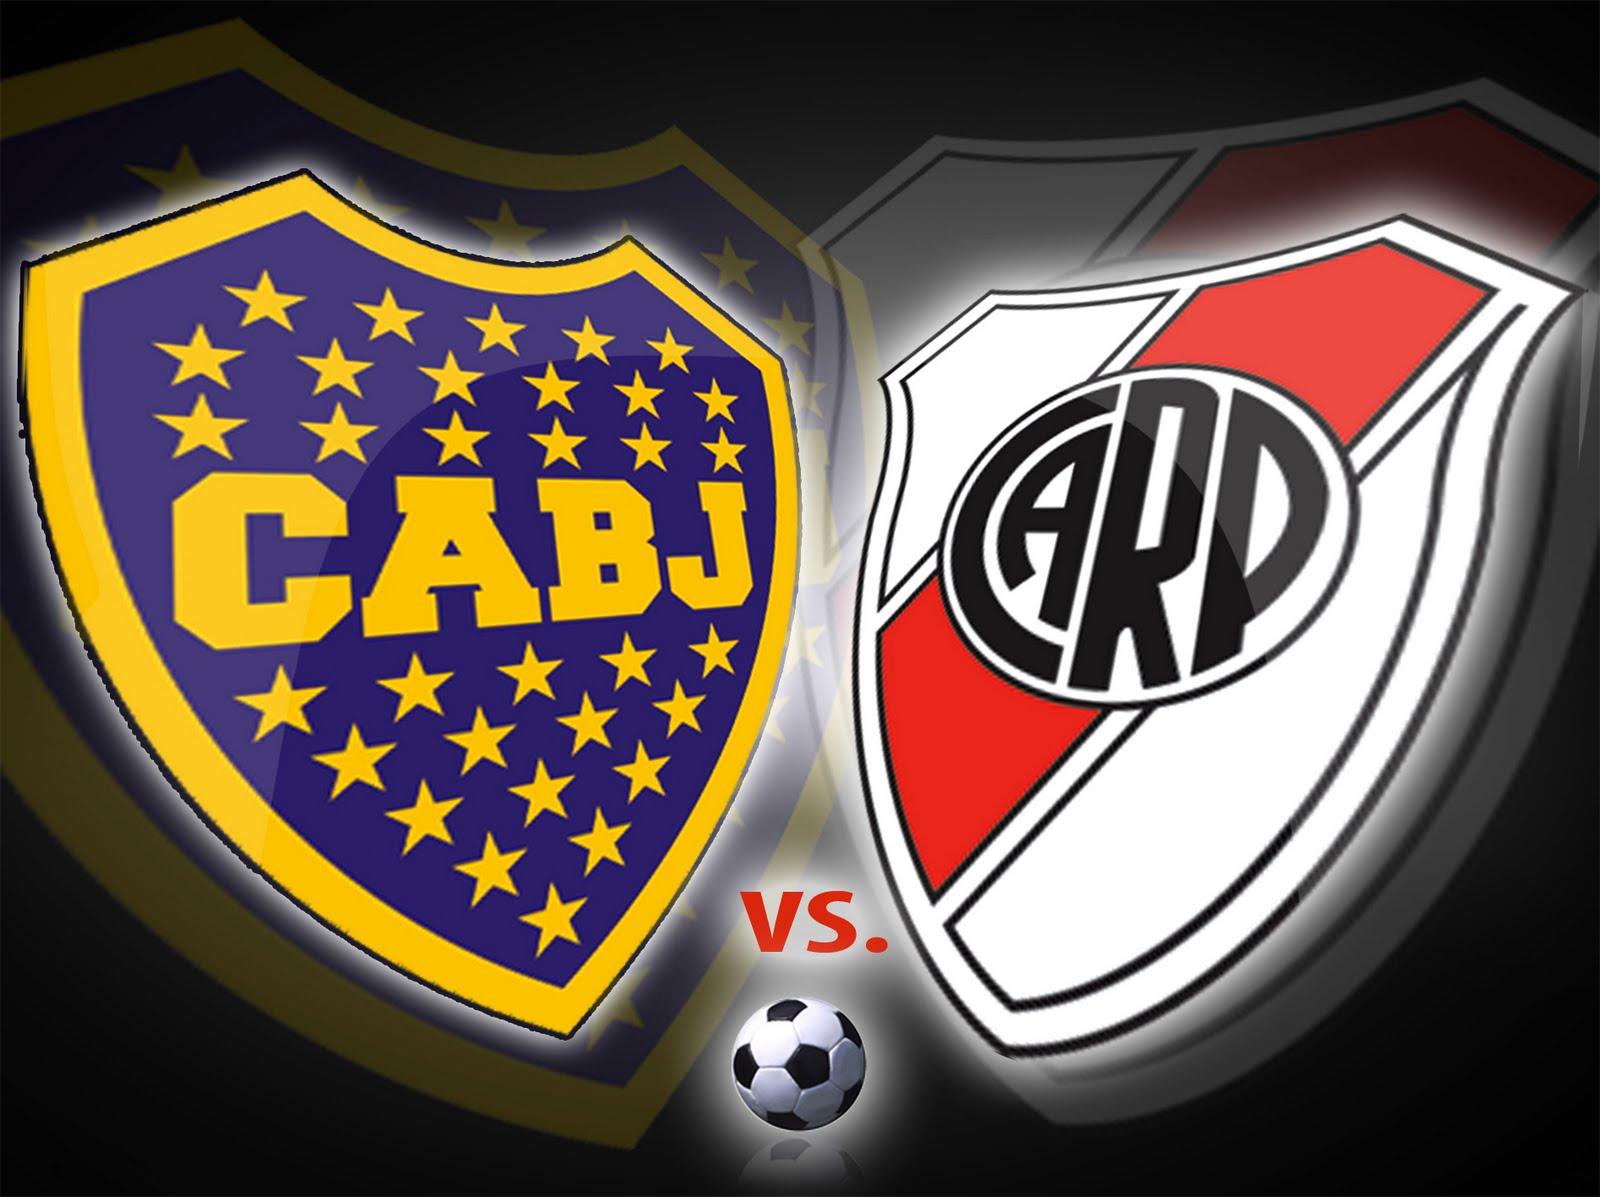 http://1.bp.blogspot.com/-uRnlKS0S2Gg/Tcgg0OUOVnI/AAAAAAAAAN0/3-wuCzAyzGo/s1600/boca_vs_river_superclasico_argentino_a_que_hora_juegan.jpg